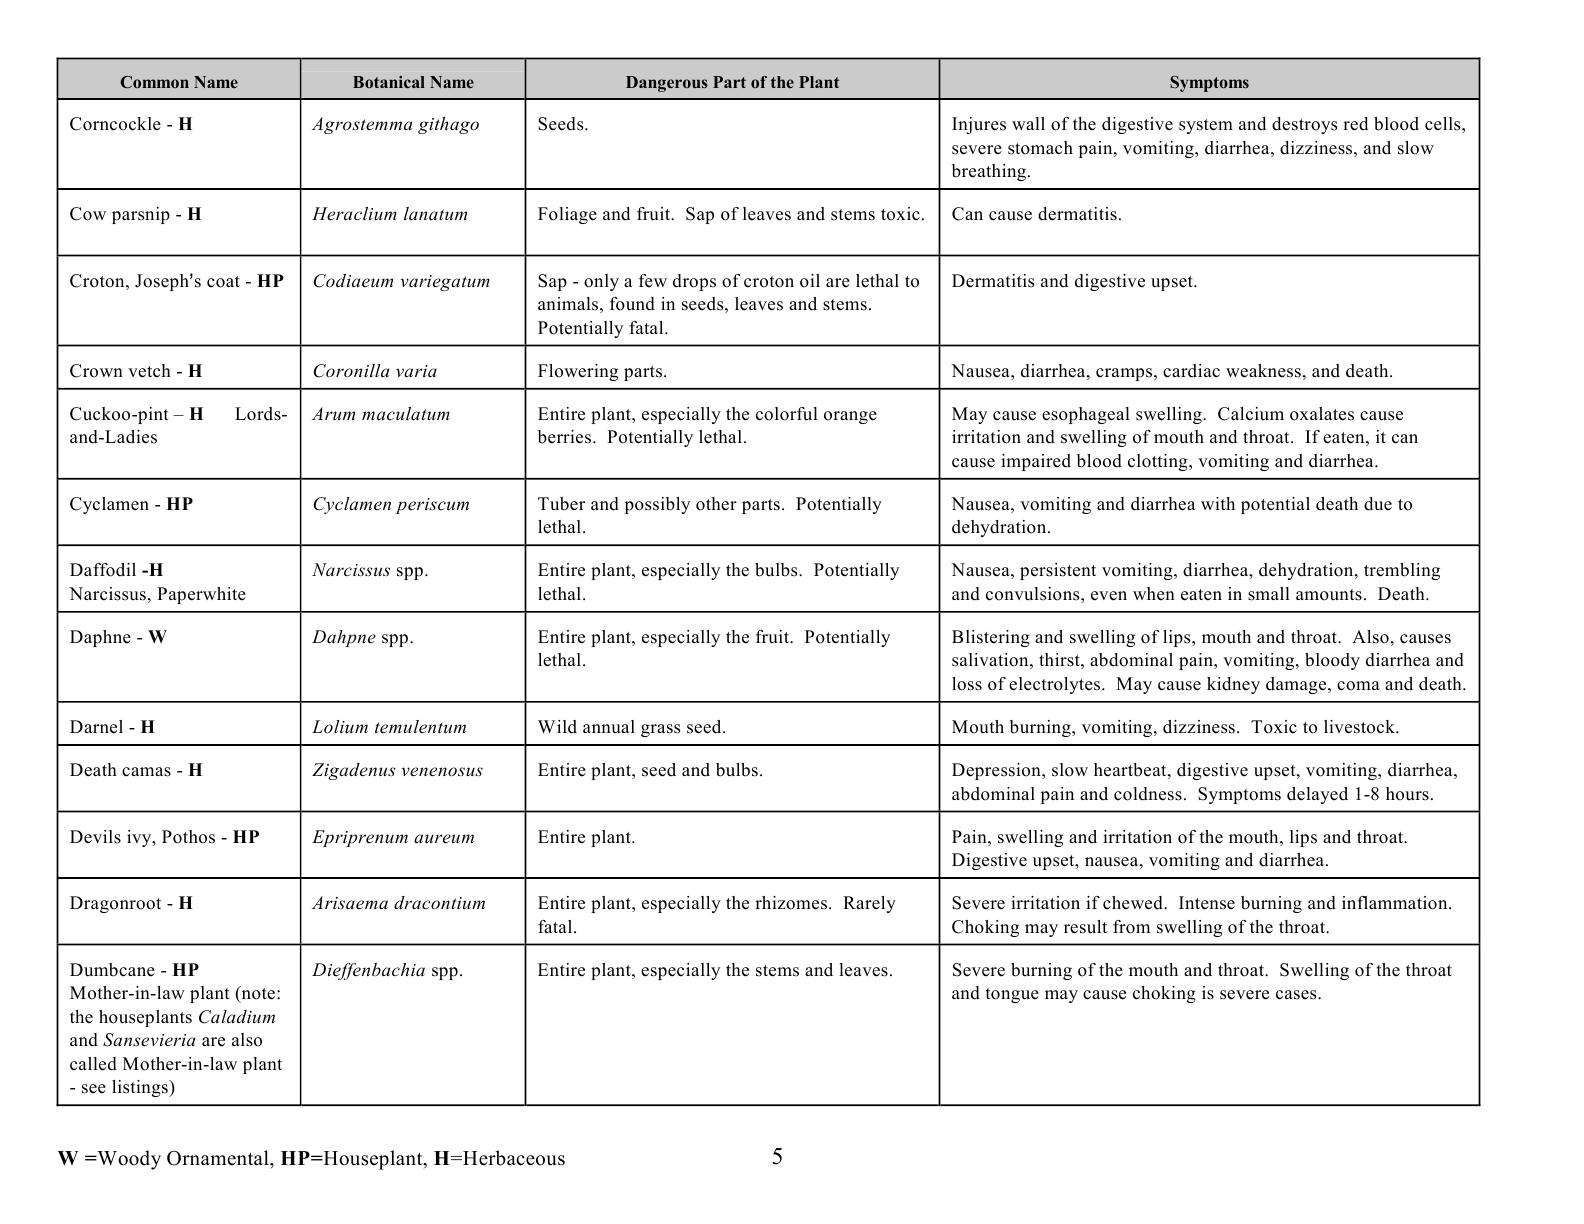 oc0417_revisedpoisonousplants5